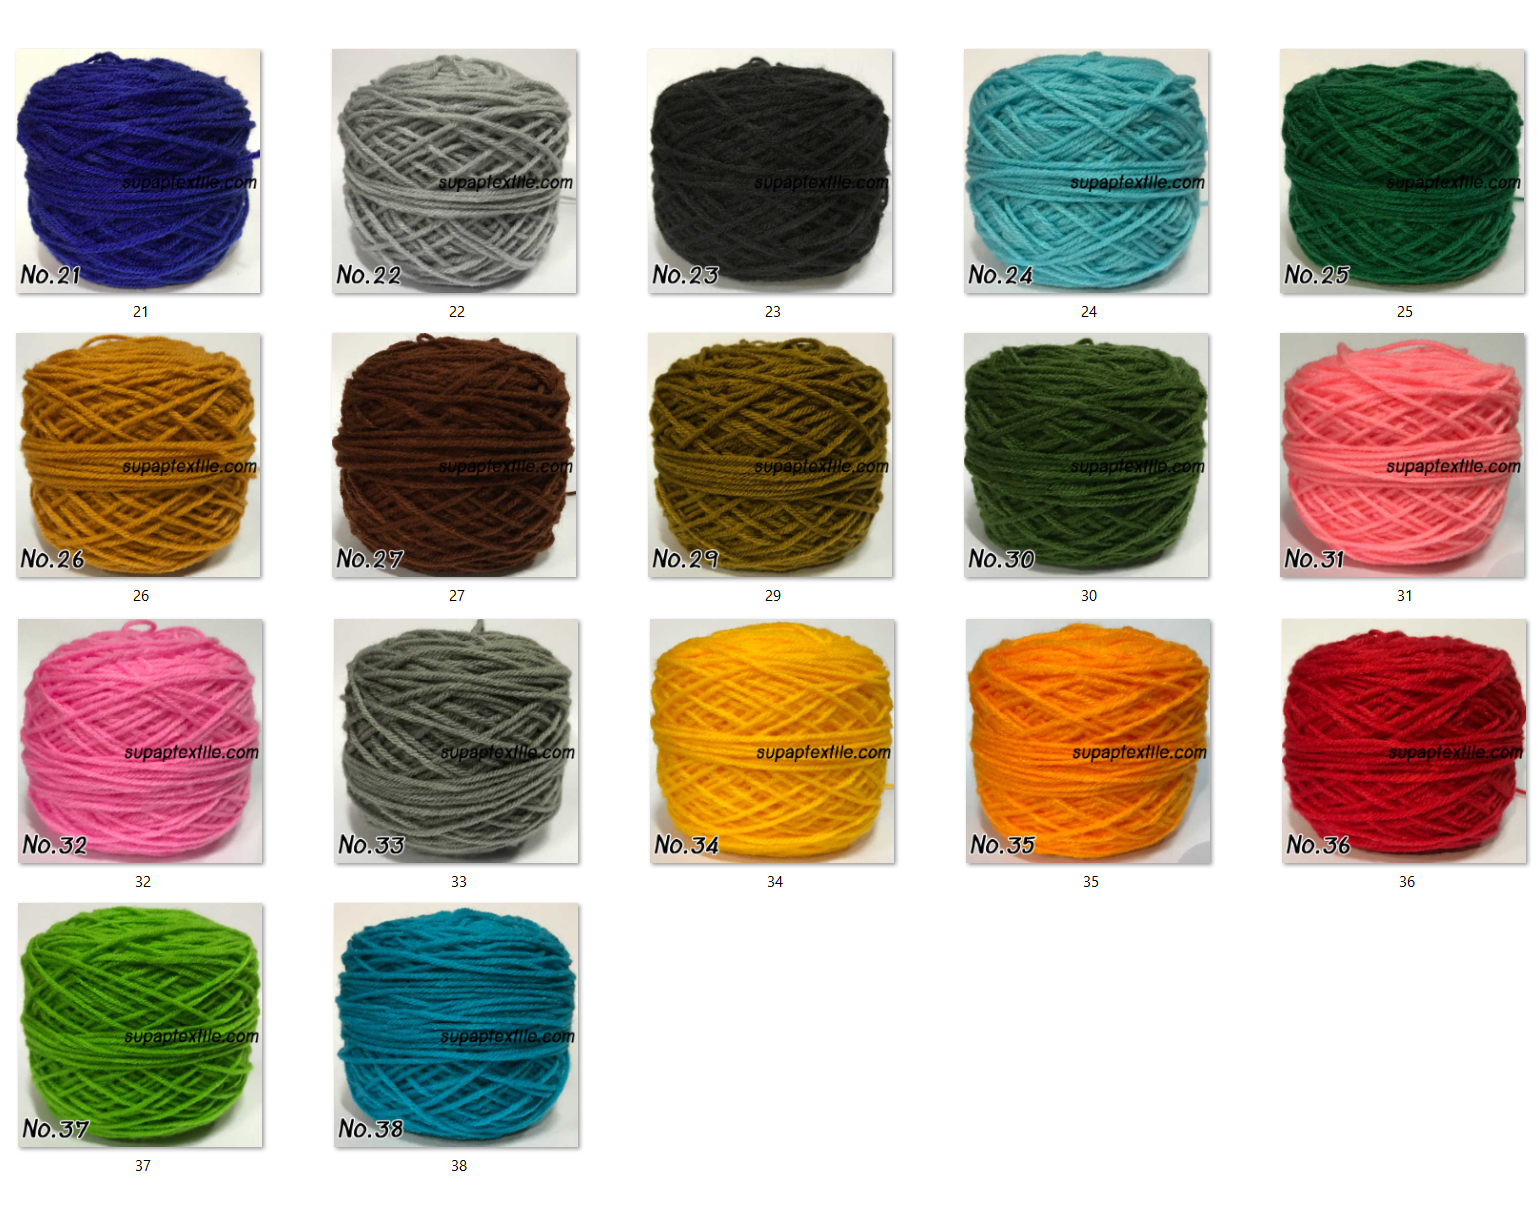 ไหมพรม4ply ไหมผ้ายืด สํา เพ็ง  ไหมพรมเส้นเล็ก  ประเภทไหมพรม